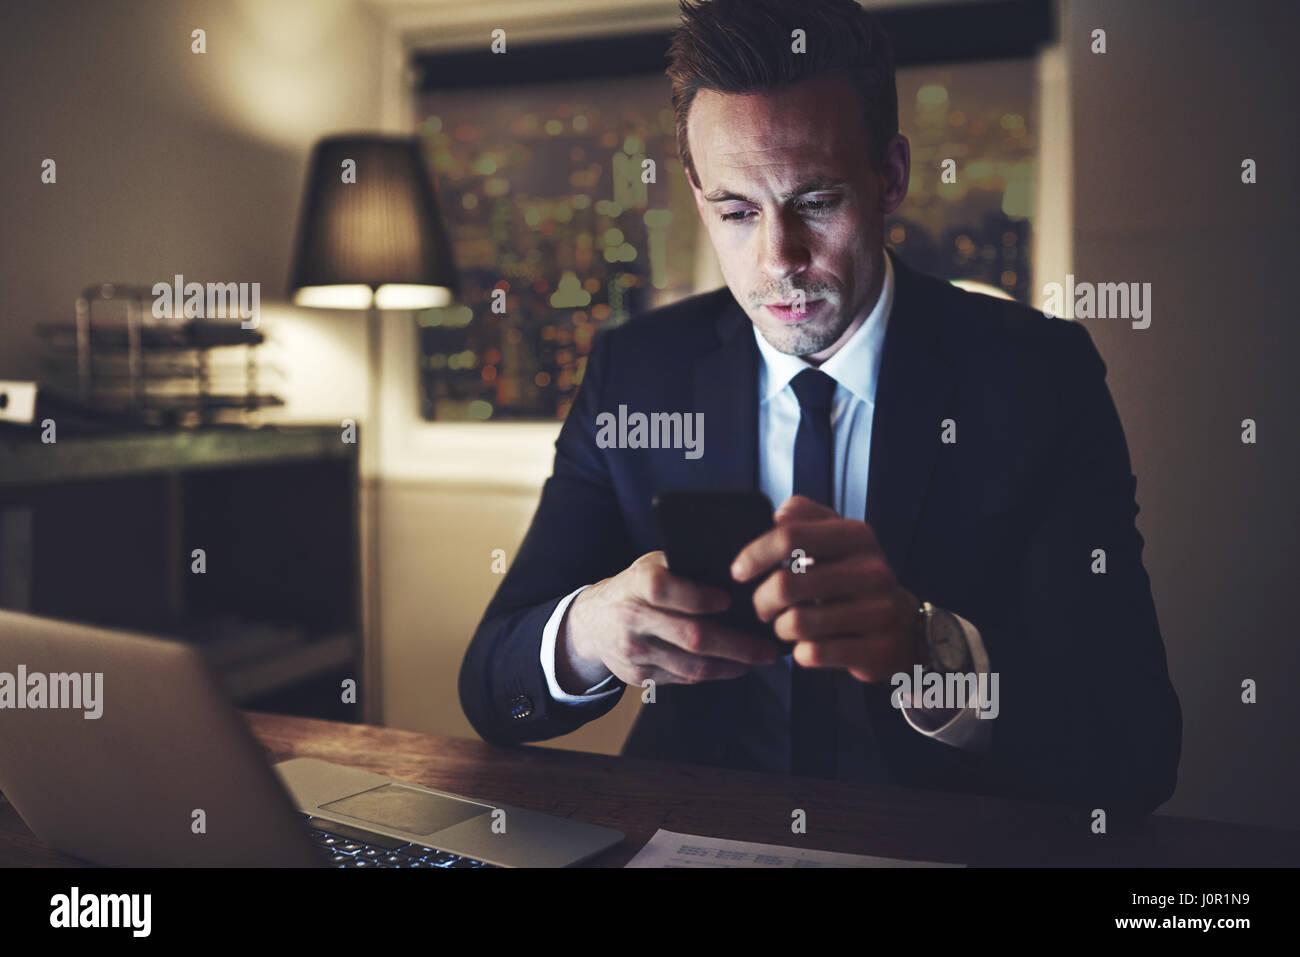 La personne intelligente en utilisant son smartphone sur le lieu de travail de nuit. Photo Stock